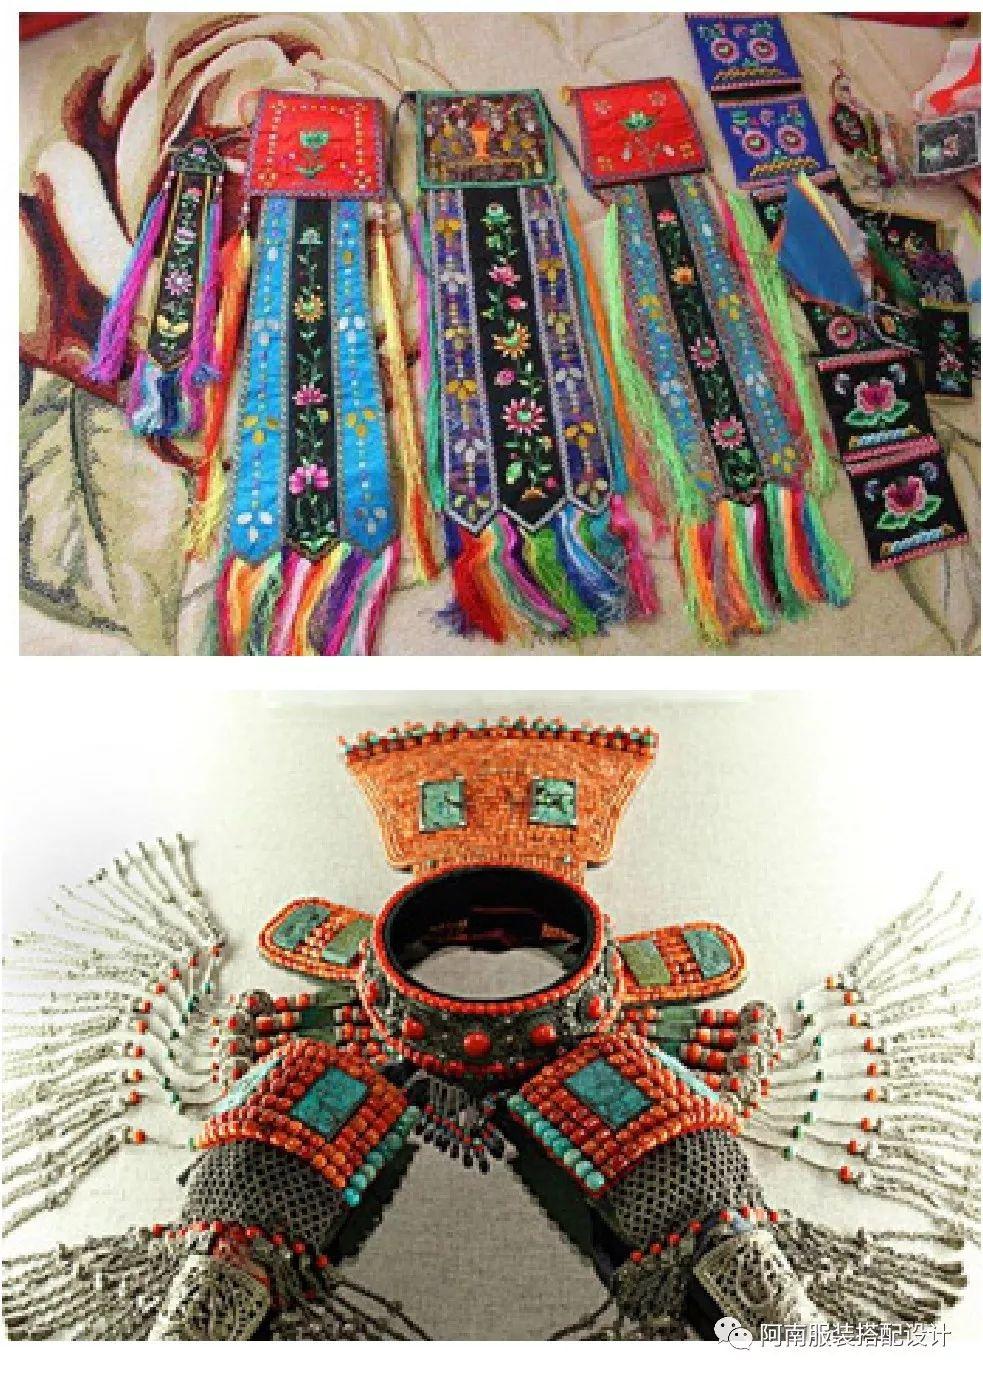 民族食品包装设计中蒙古族文化符号的运用 第9张